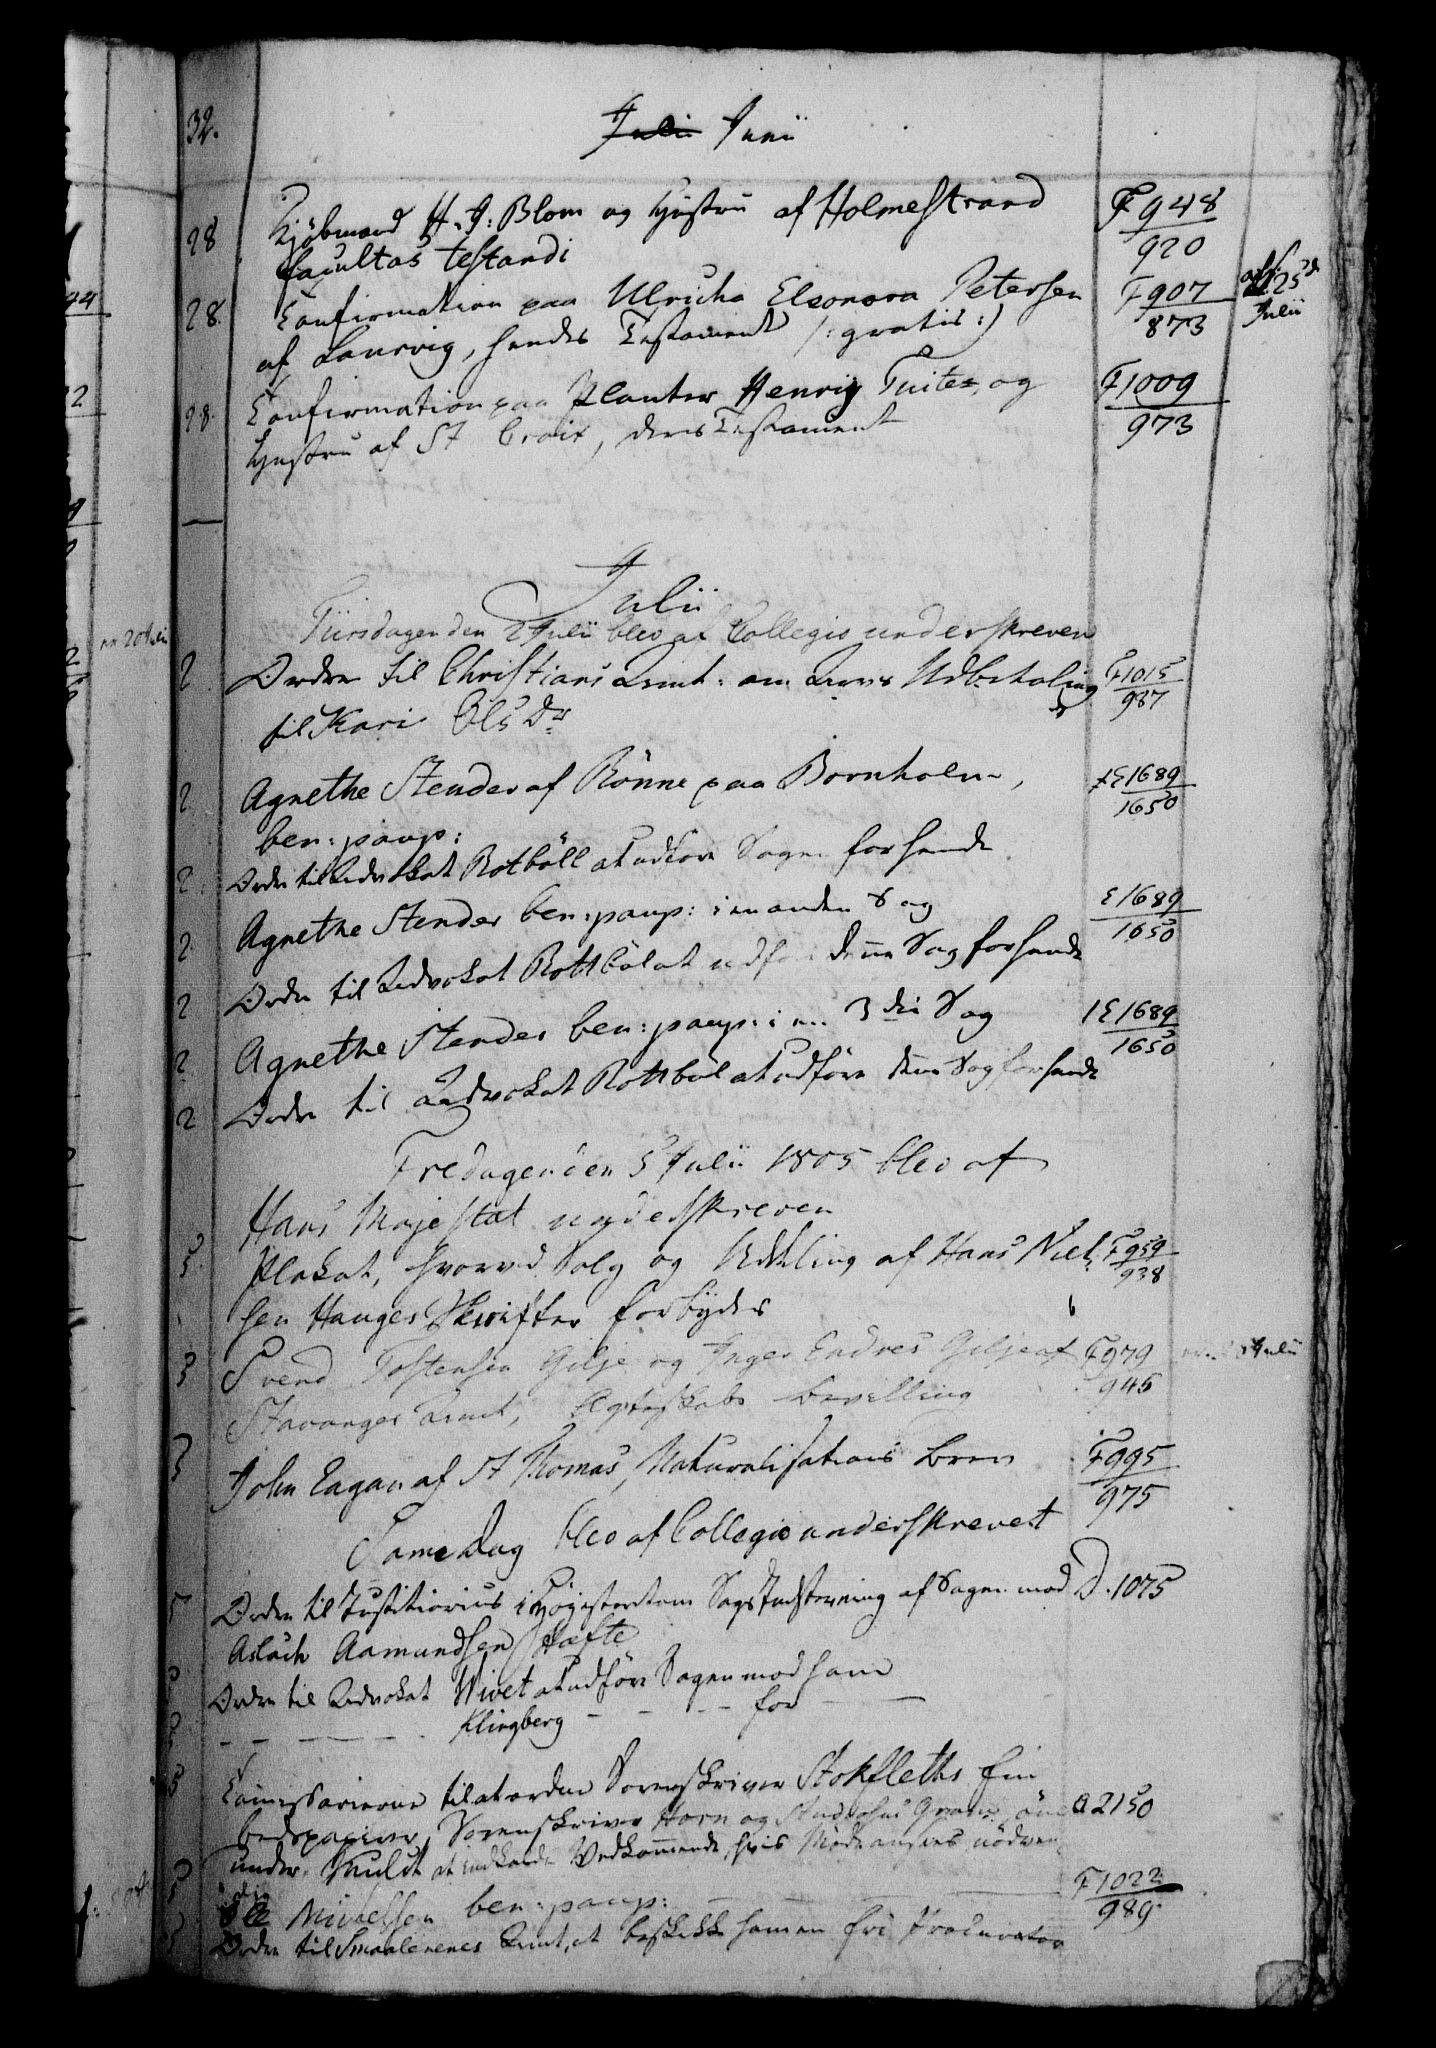 RA, Danske Kanselli 1800-1814, H/Hf/Hfb/Hfbc/L0006: Underskrivelsesbok m. register, 1805, s. 32